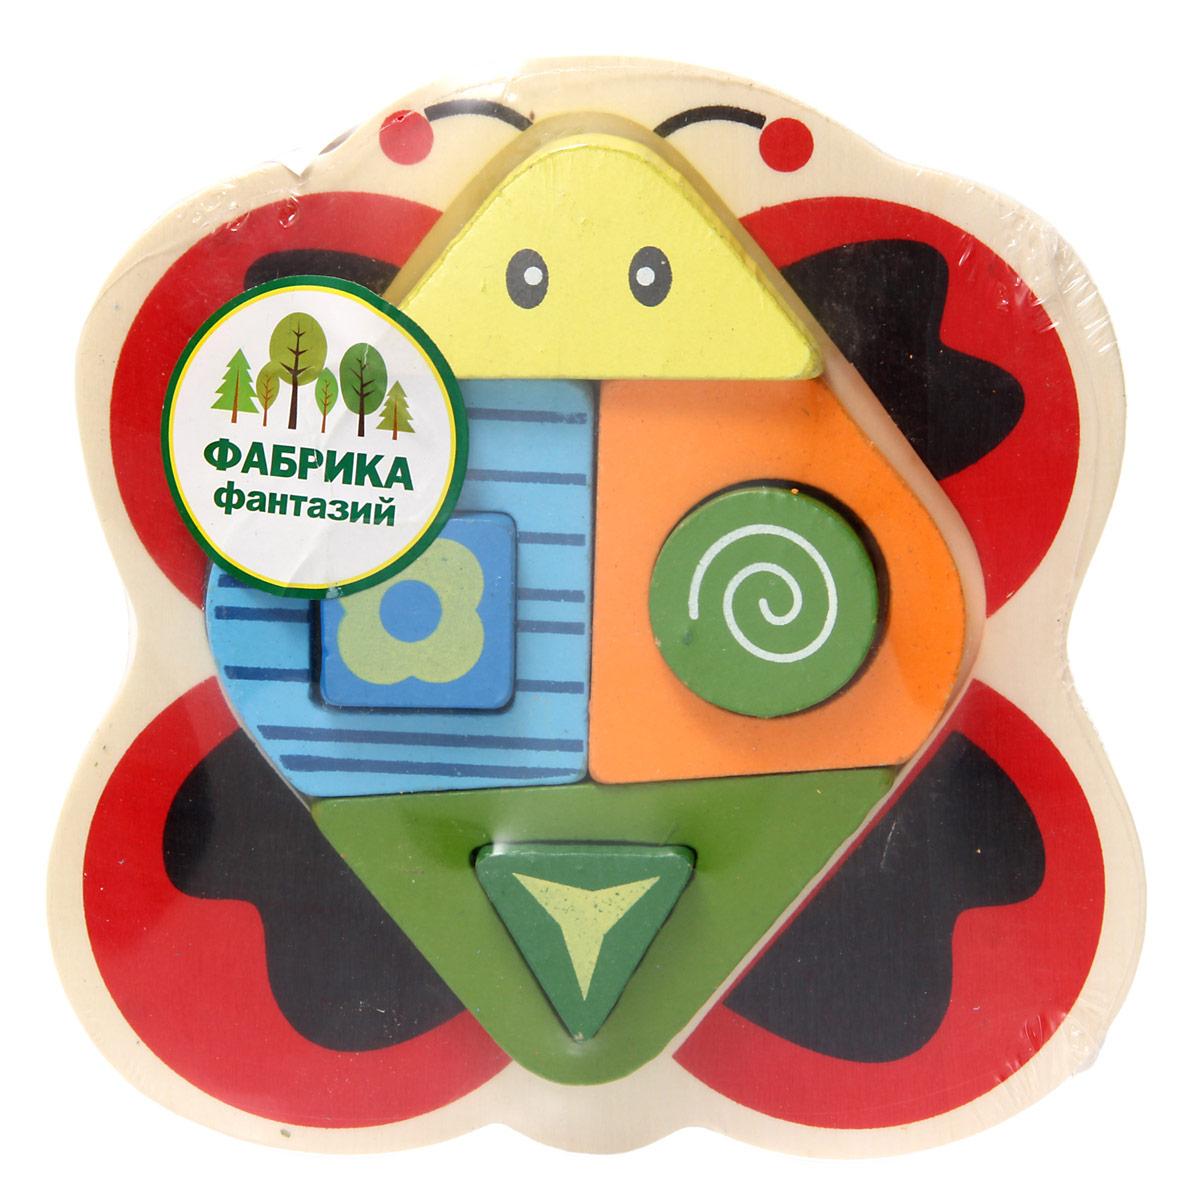 Фабрика Фантазий Сортер Бабочка наборы для творчества фабрика фантазий набор для создания фигурок из гипса на магнитах фрукты и овощи